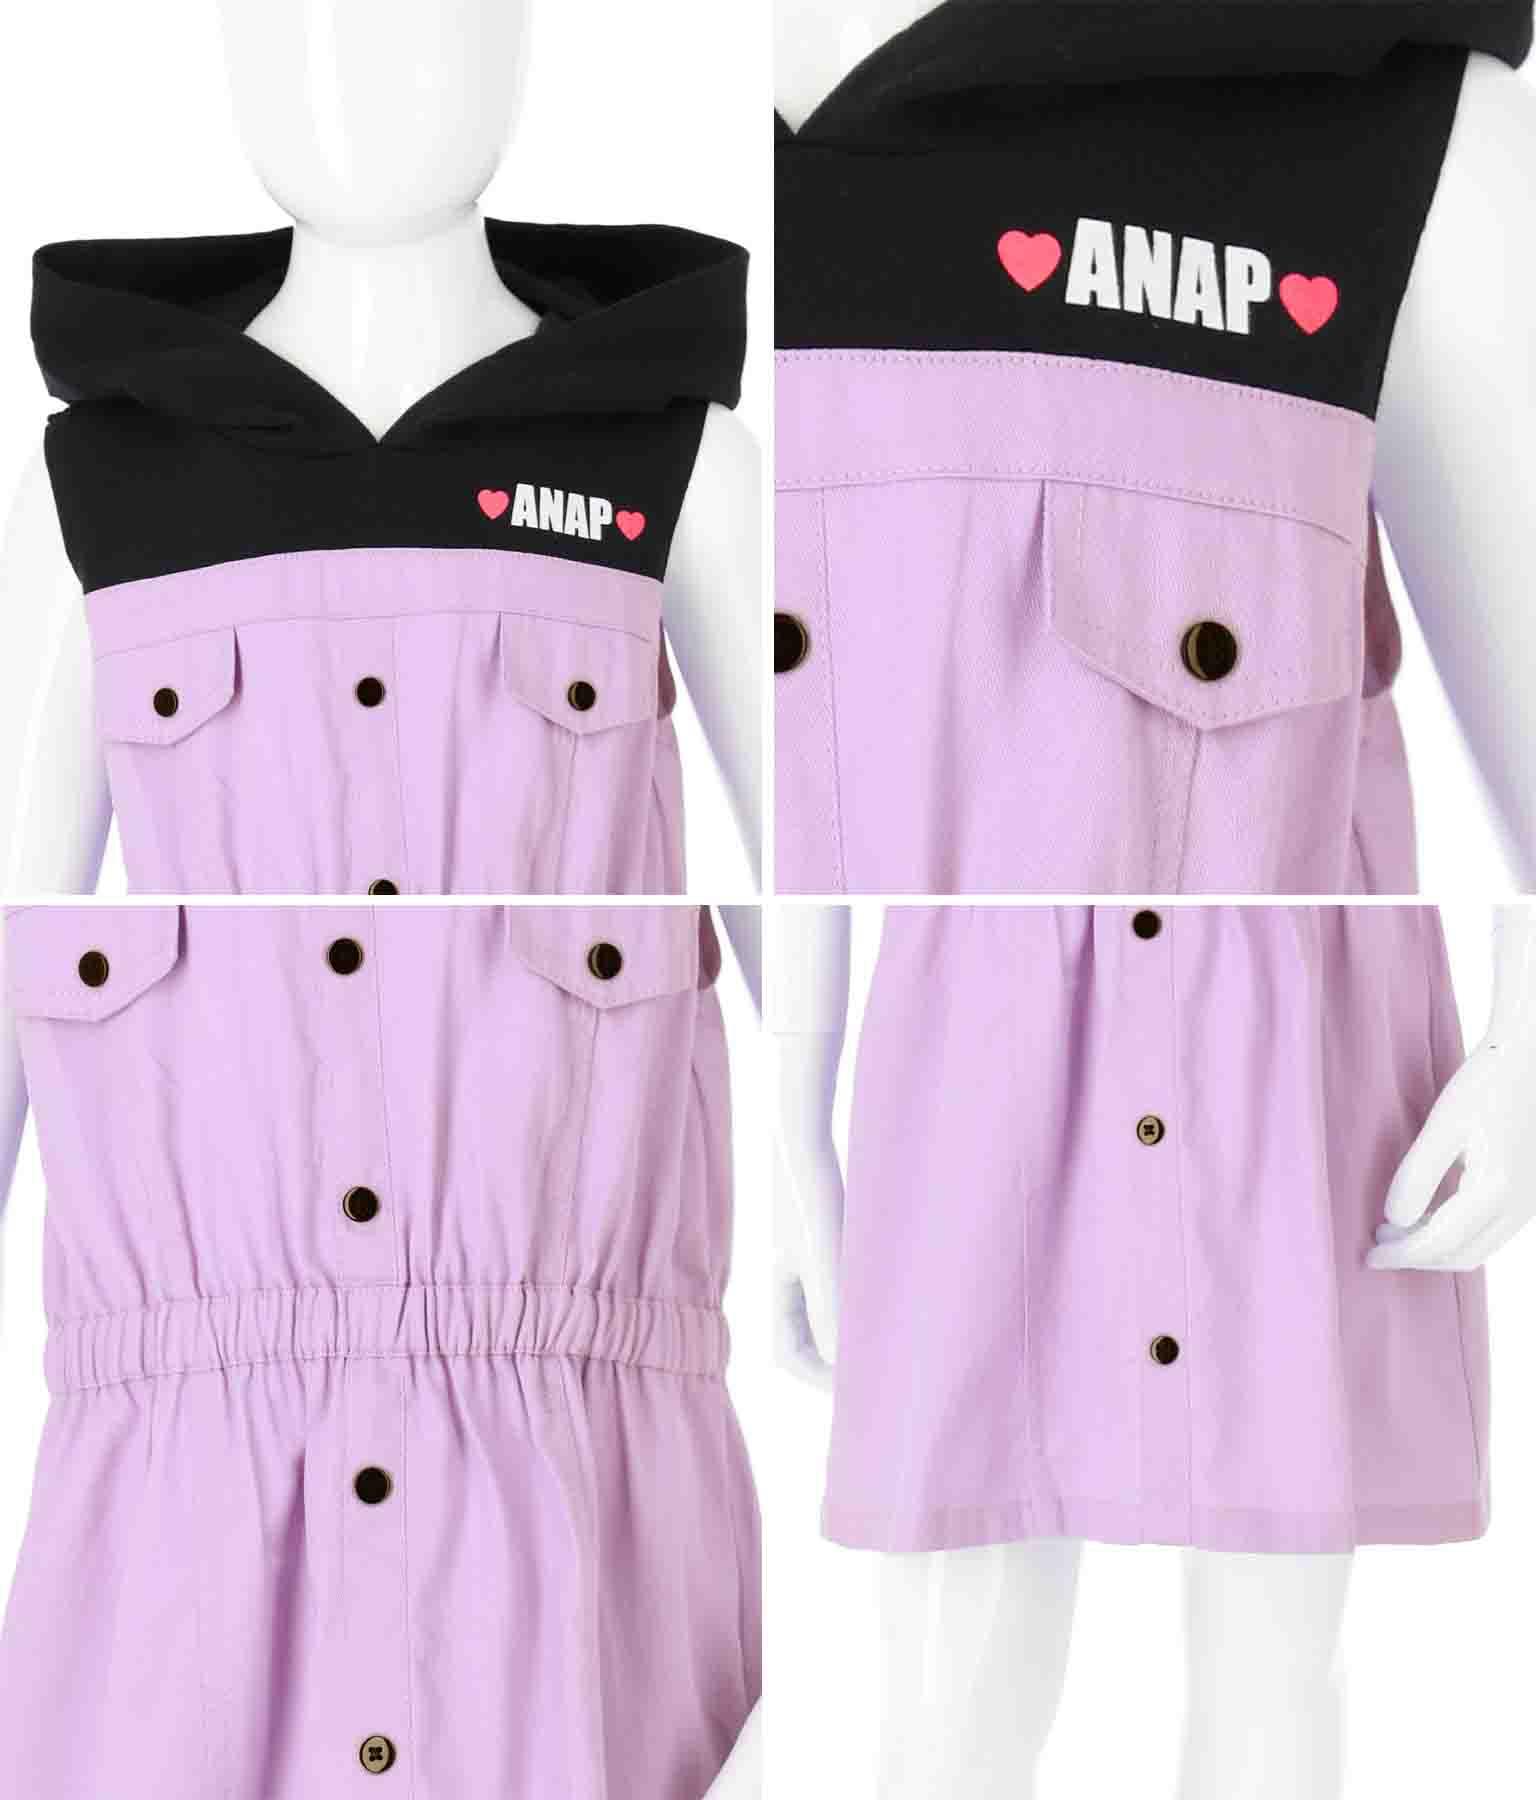 ノースリーブドッキングワンピース(ワンピース・ドレス/ミニワンピ) | ANAP KIDS